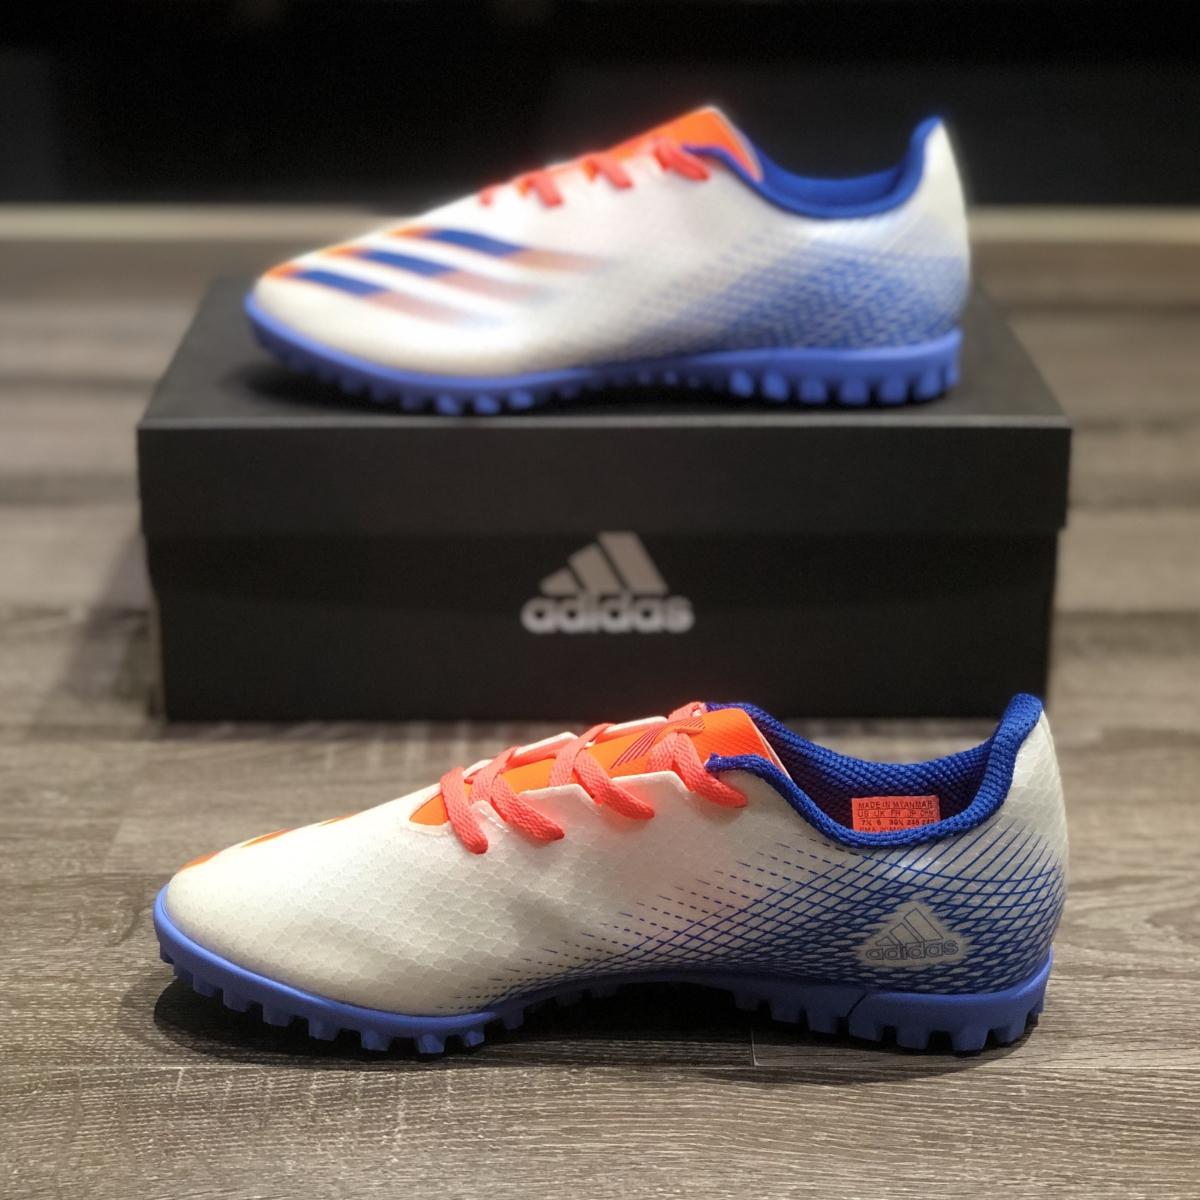 Giày Bóng Đá Adidas X Ghosted.4 Trắng Vạch Xanh Biển Cam HQ TF